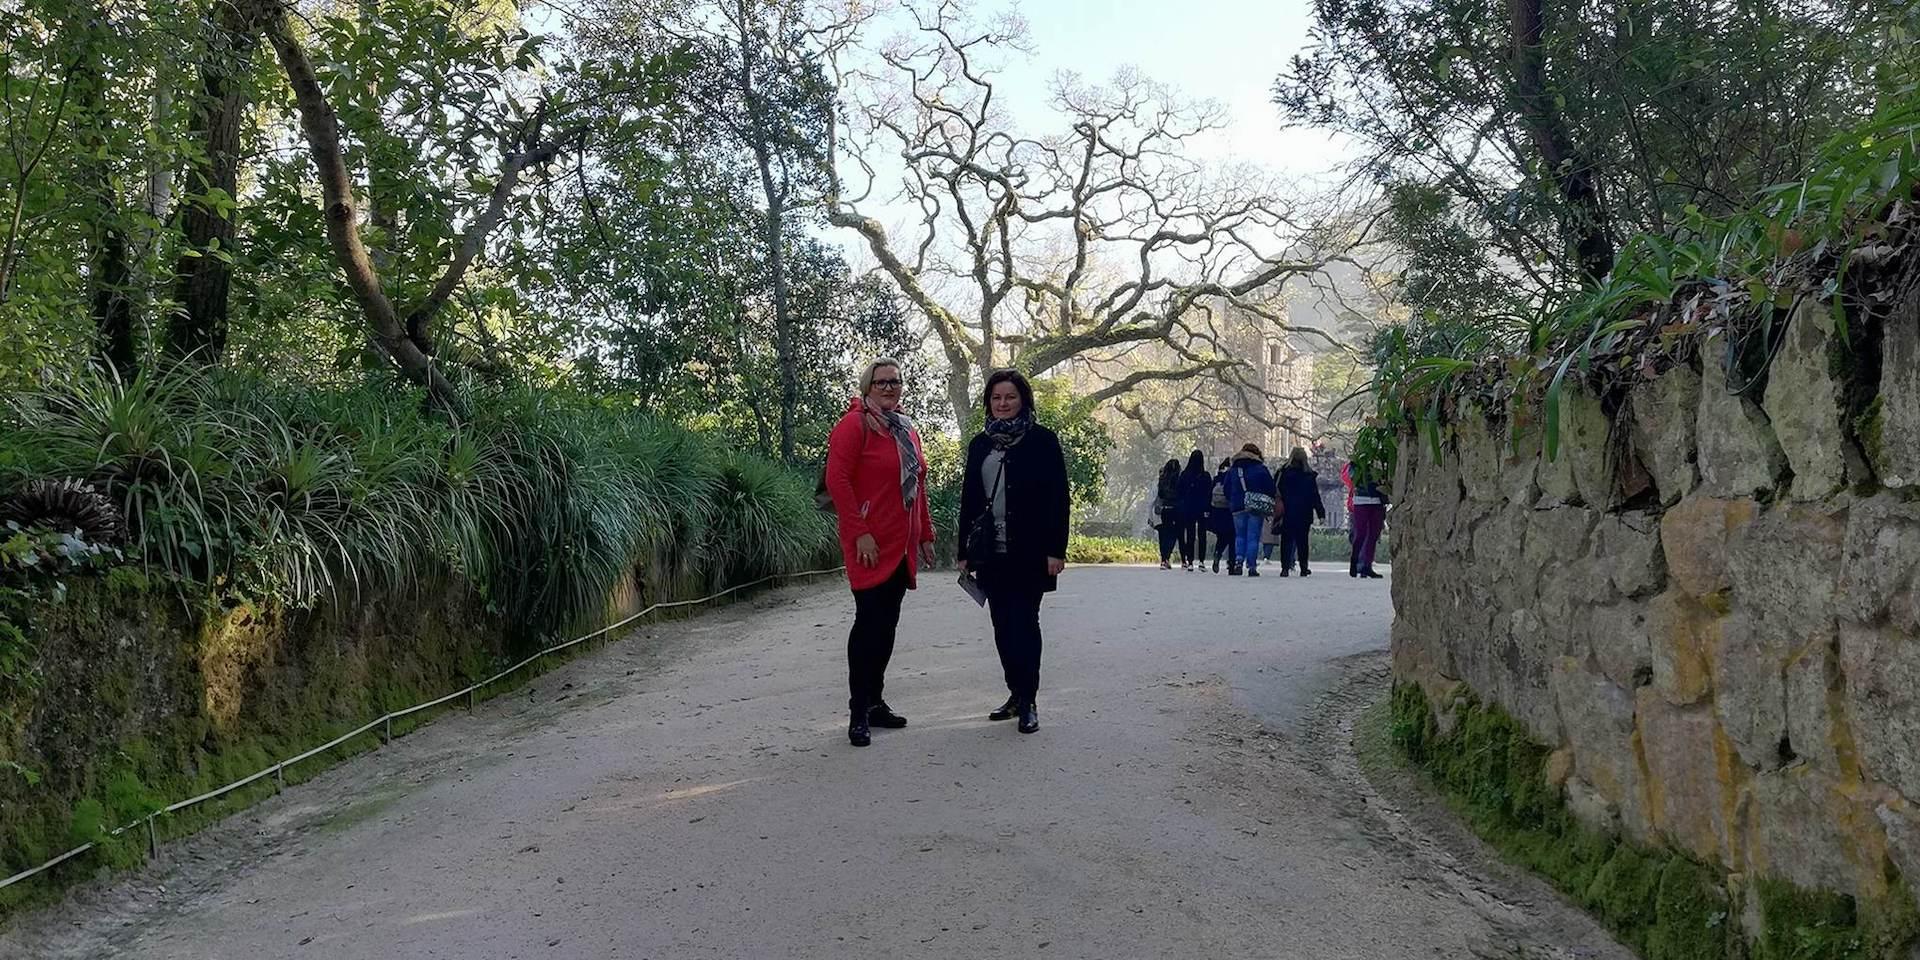 """Sausio 14–20 dienomis """"Erasmus+"""" projekto C.L.E.V.E.R. vykdymo grupės narės Jurgita Vaitiekūnienė ir Gintarė Ivaškevičiūtė-Dirdė lankėsi Portugalijoje. Asmeninio archyvo nuotr."""